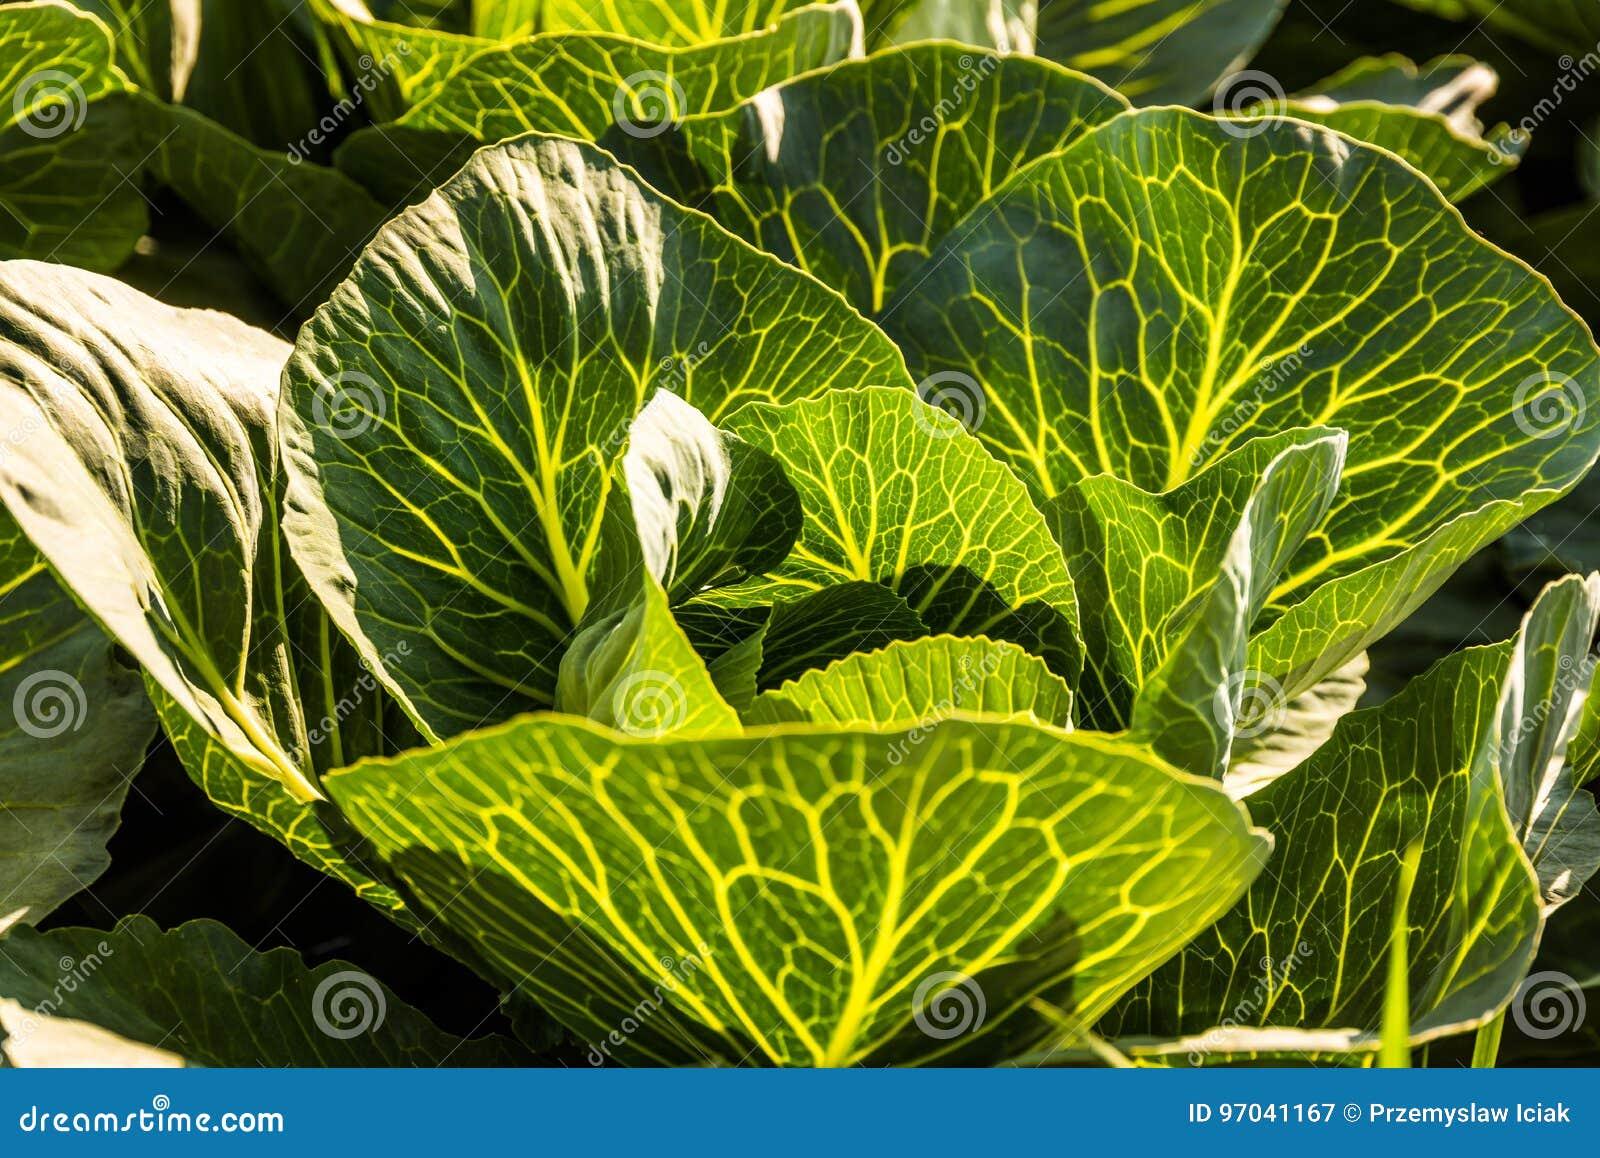 Συγκομιδές του λάχανου